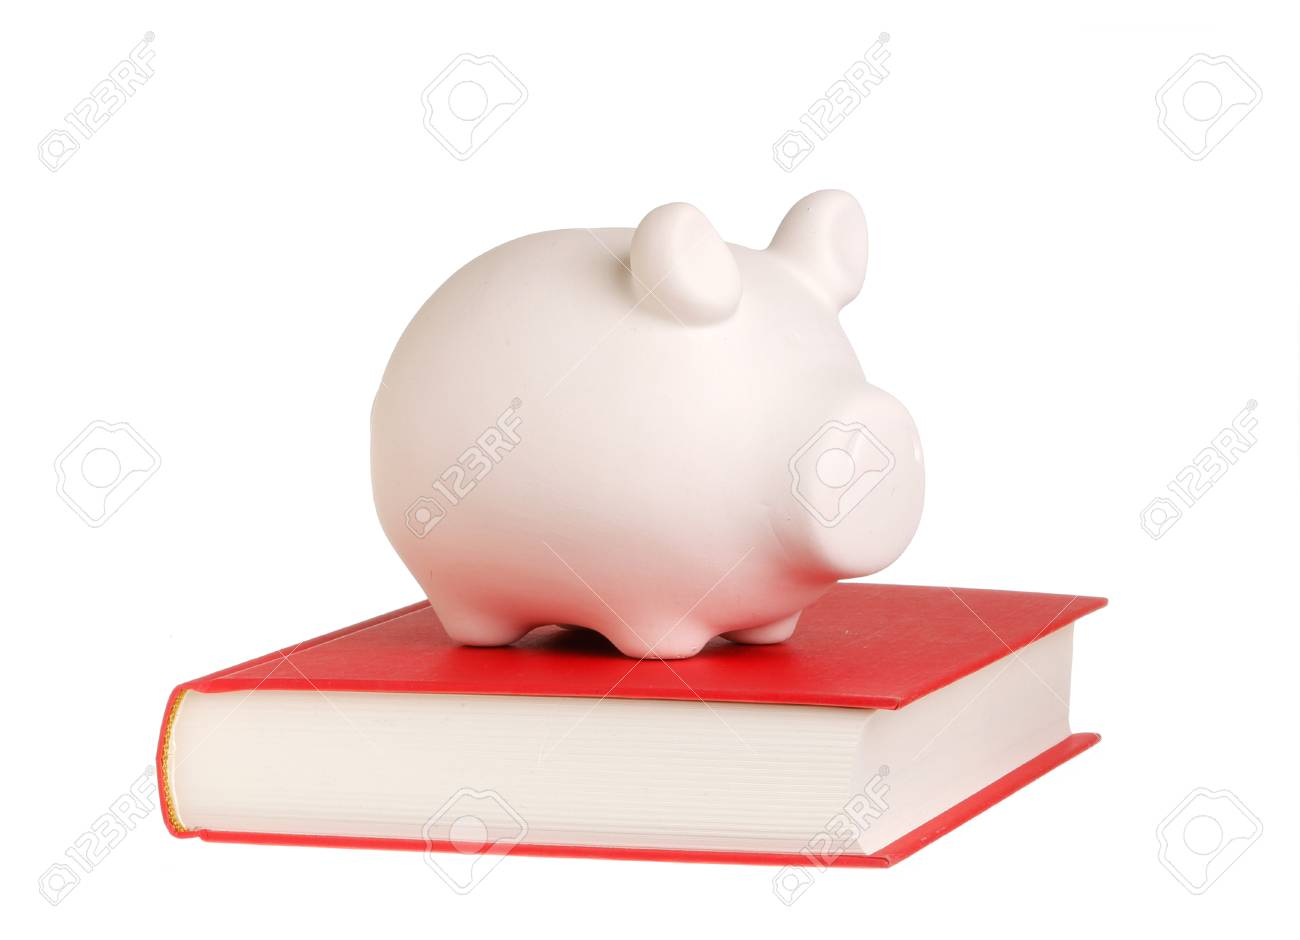 Une Tirelire Debout Sur Un Livre Ferme Avec Couvercle Rouge Symbolise Que La Connaissance Est Recompense Isole Sur Fond Blanc